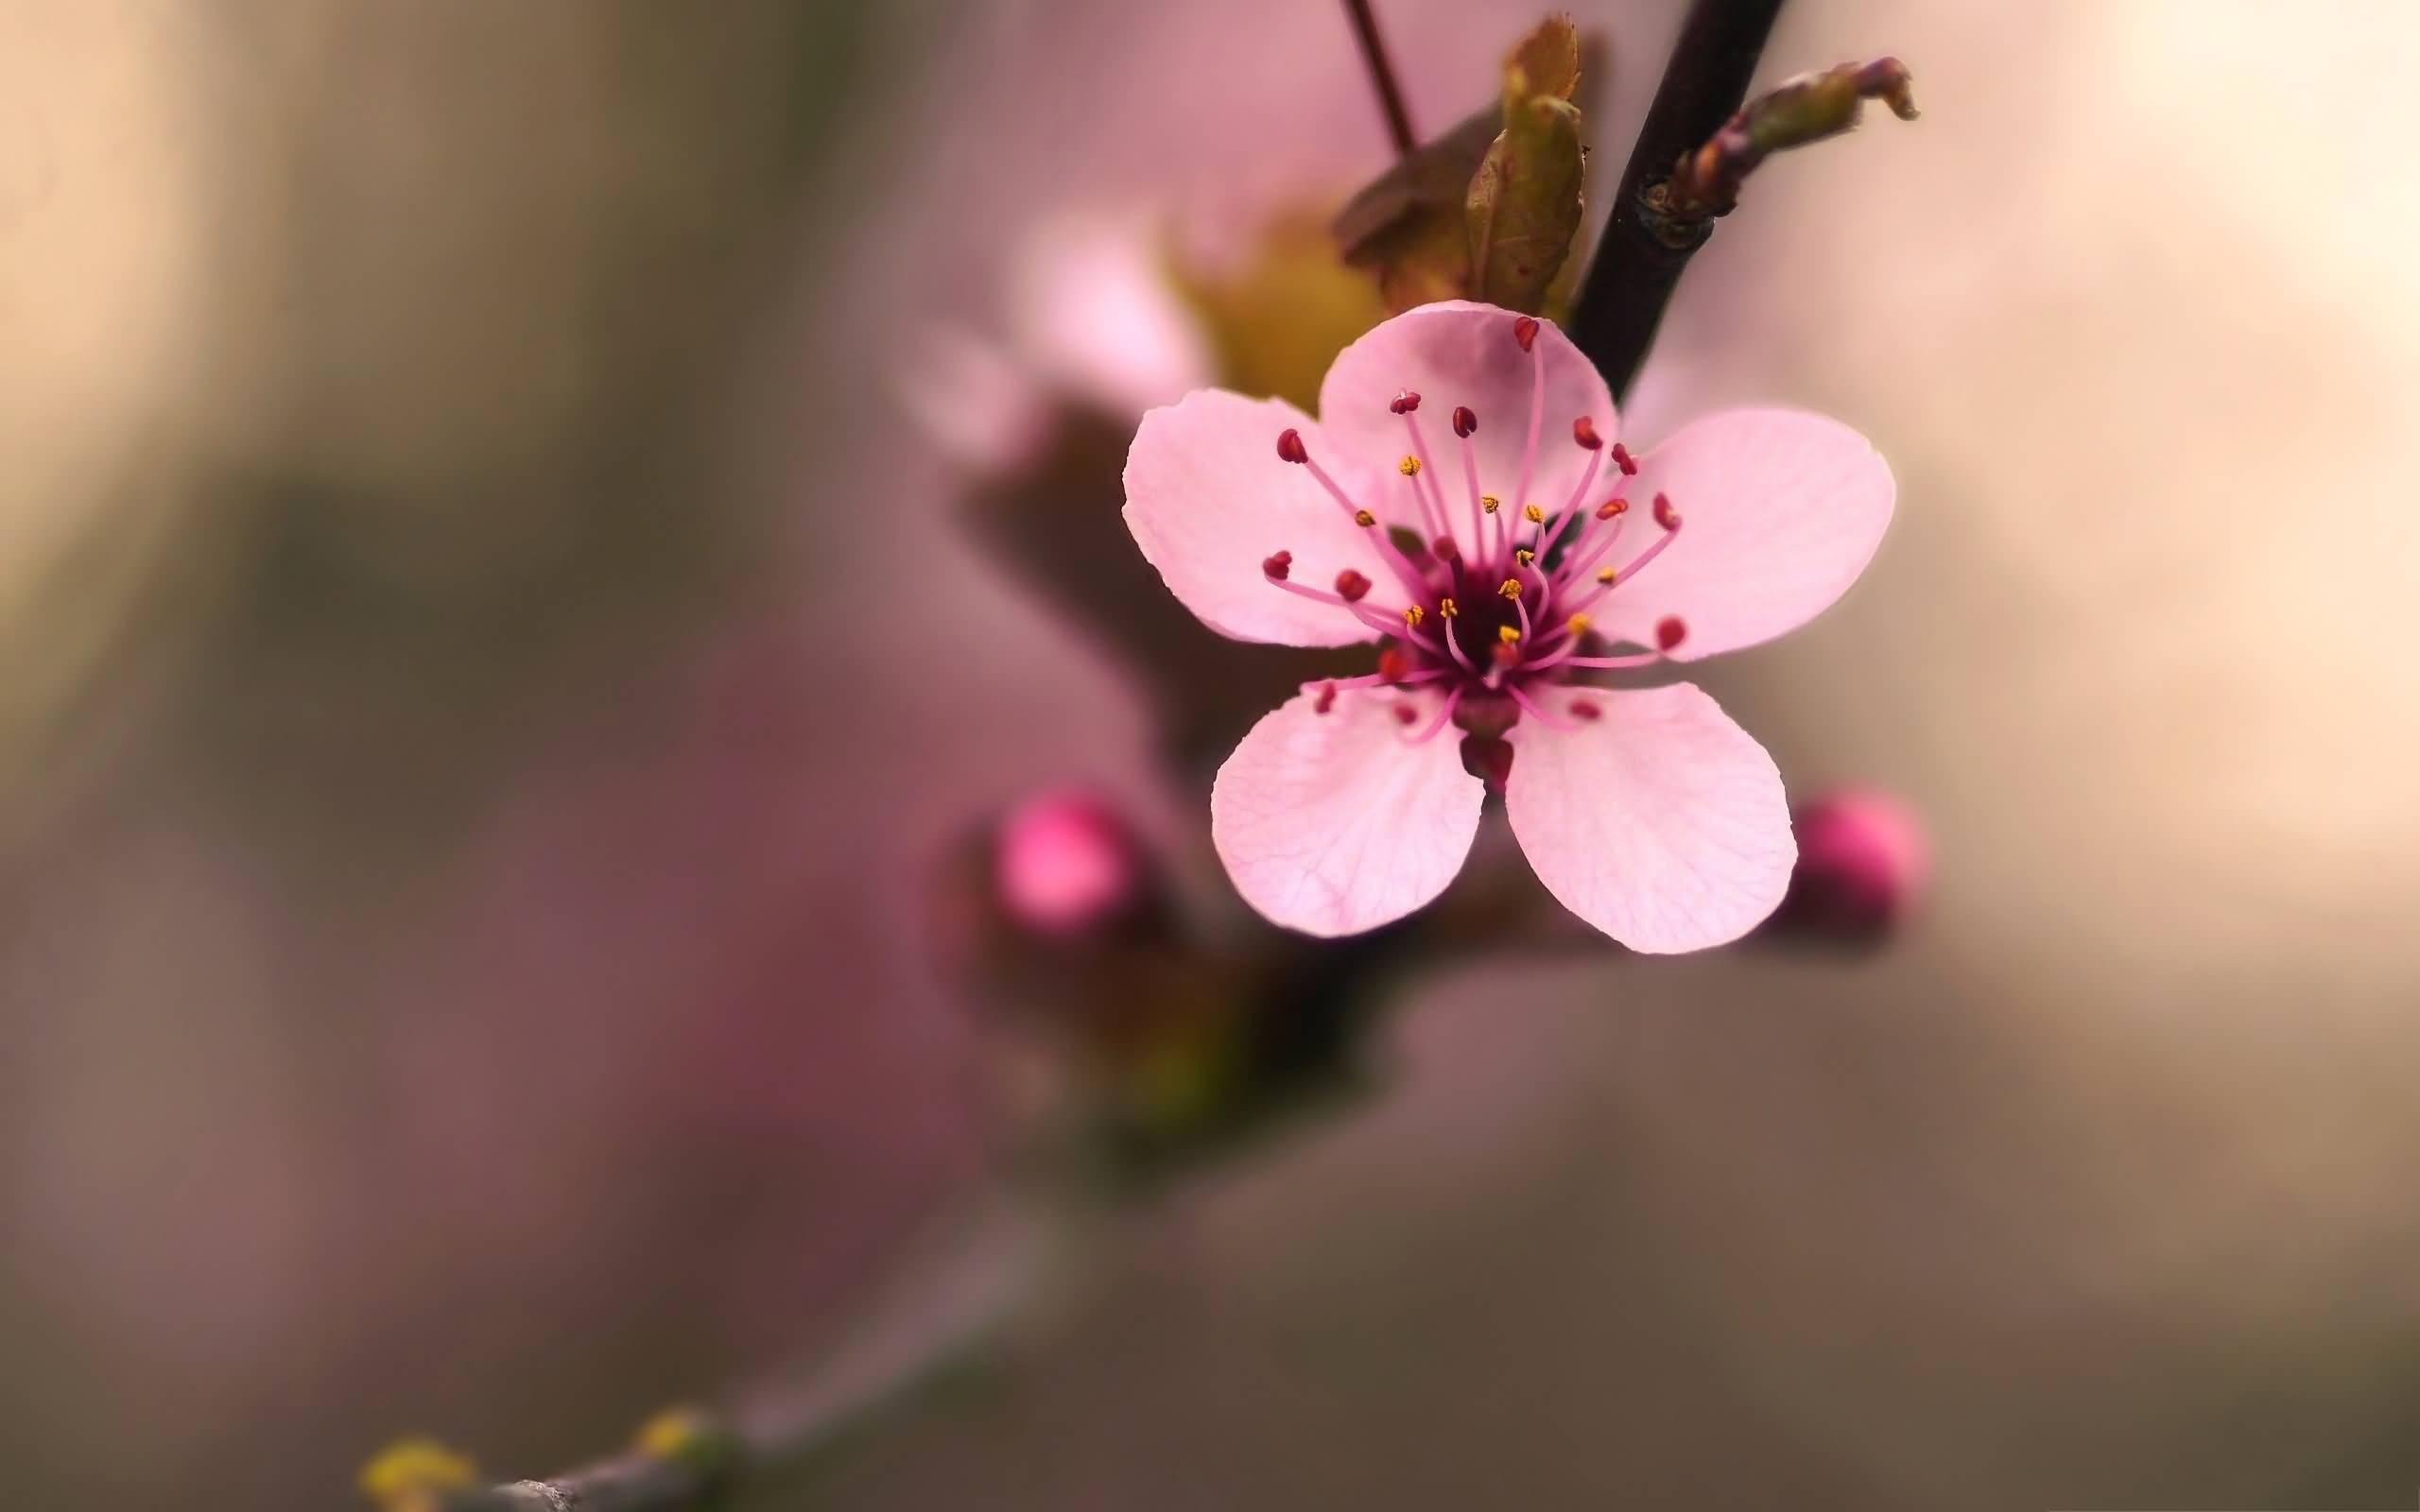 Drawn sakura blossom single Flowers Very Blossom px Cherry